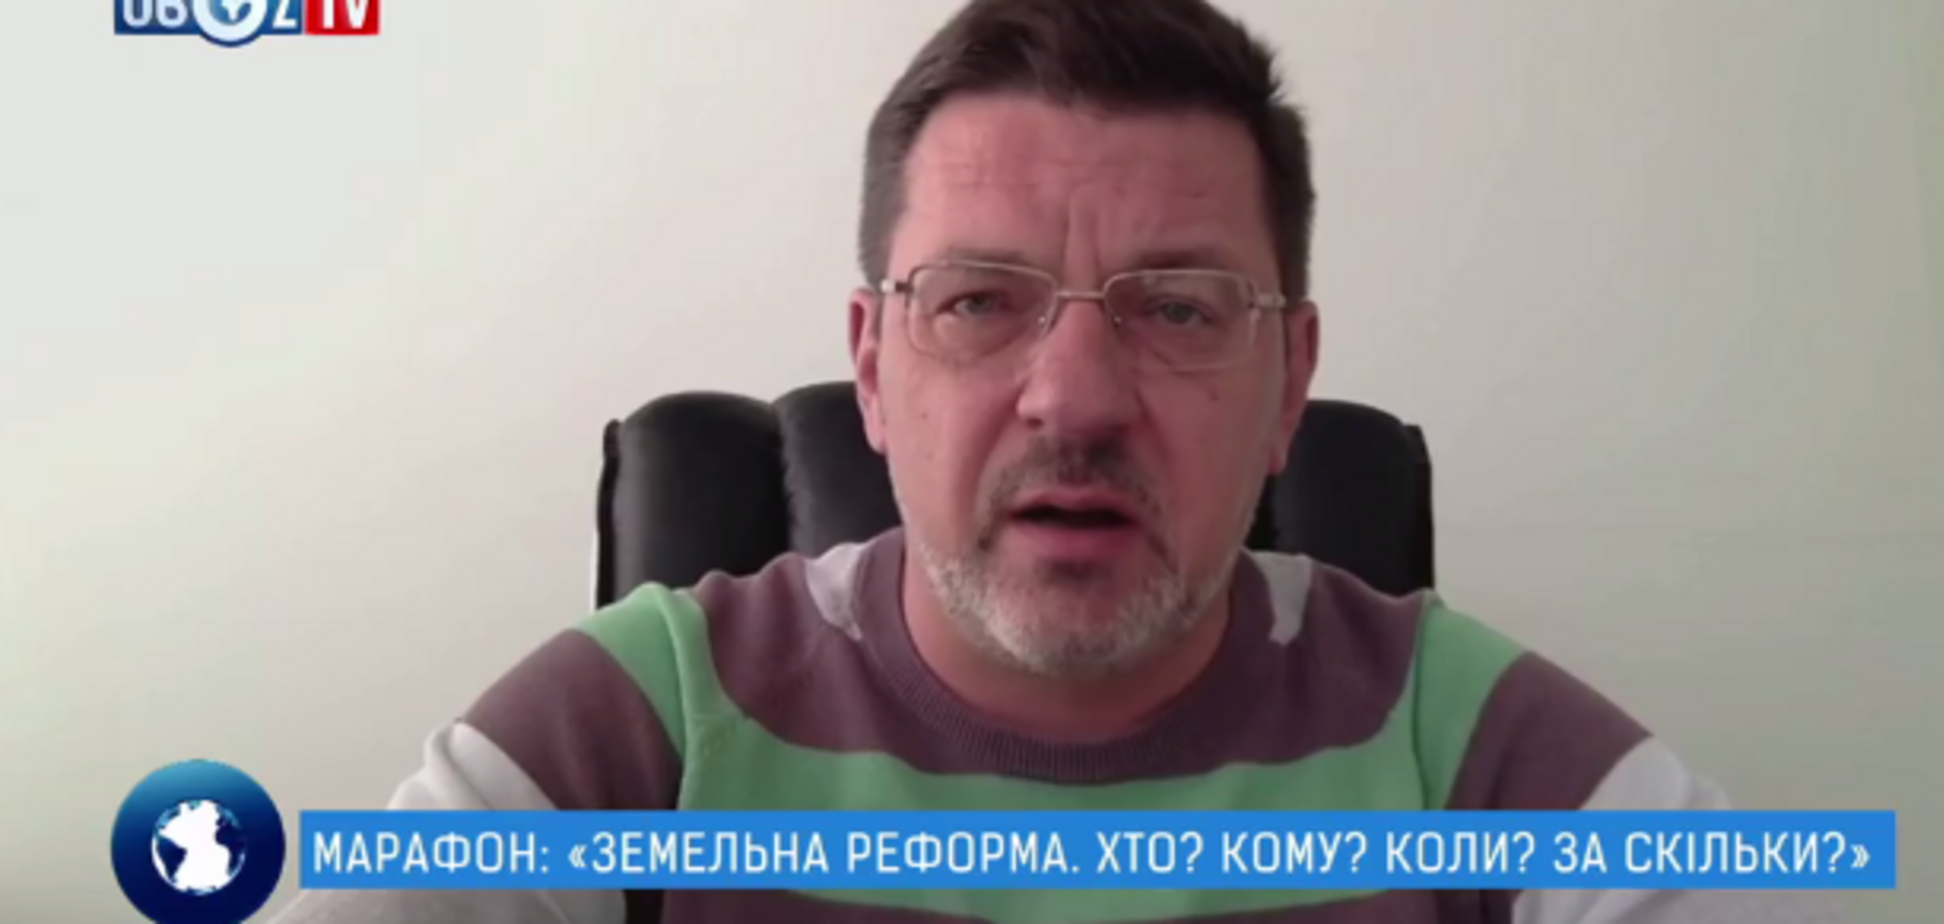 Земельная реформа в Украине: известный политик призвал приватизировать лес